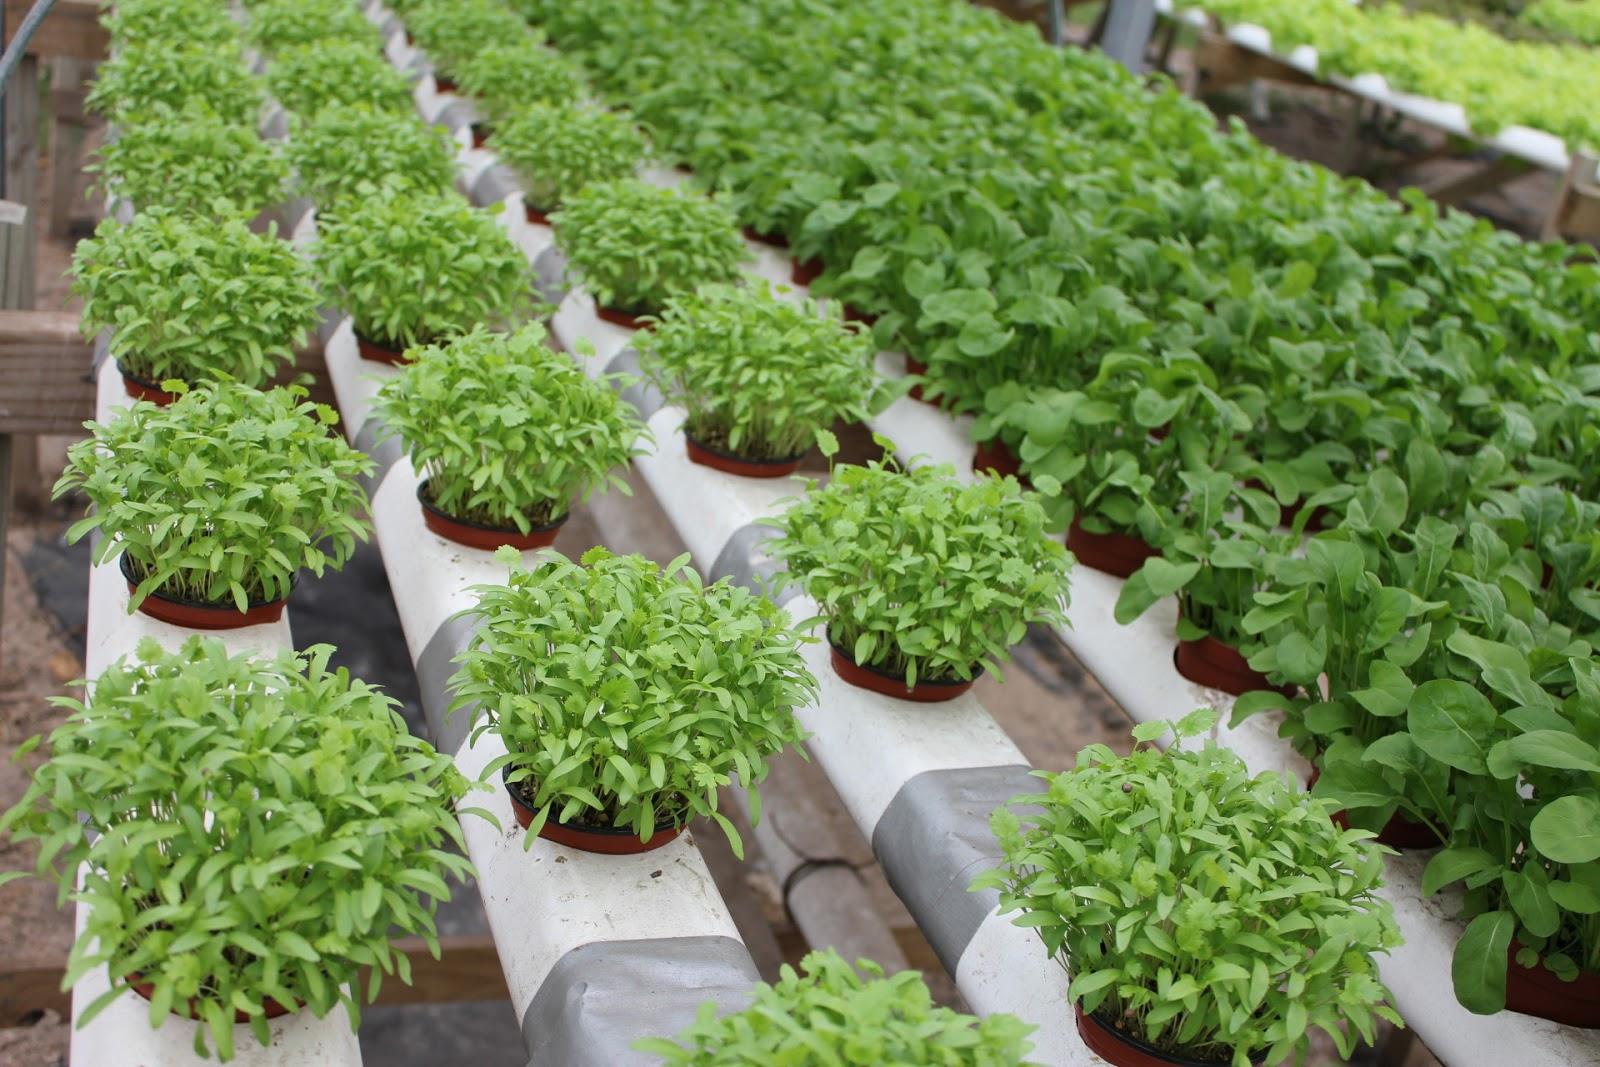 Studpac hydroponics aquaponics farms for Hydroponics aquaponics